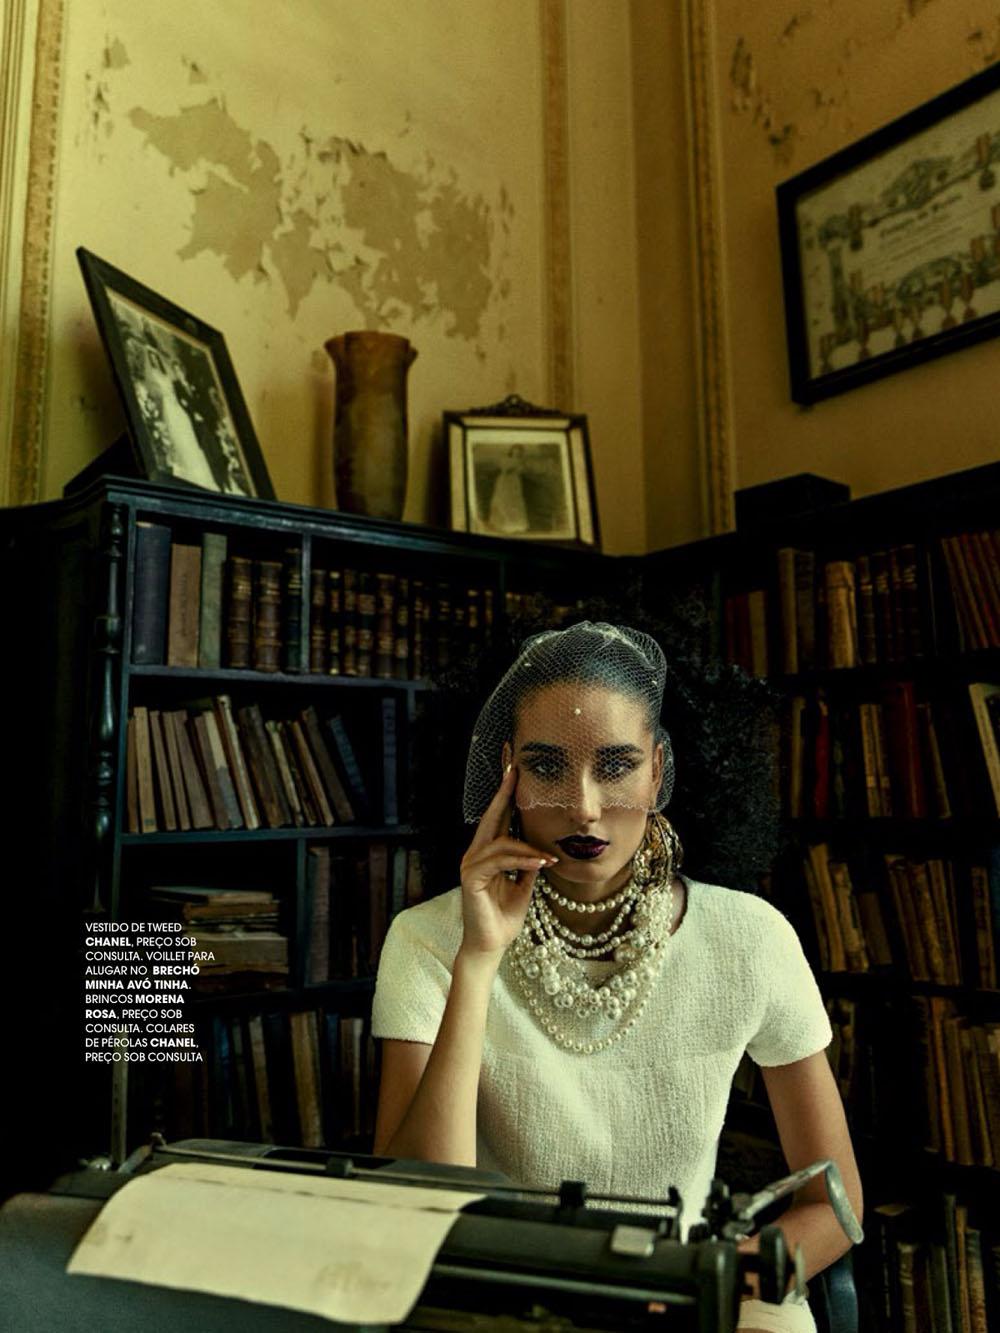 marcelia-freesz-fernando-louza-marie-claire-brazil015.jpg